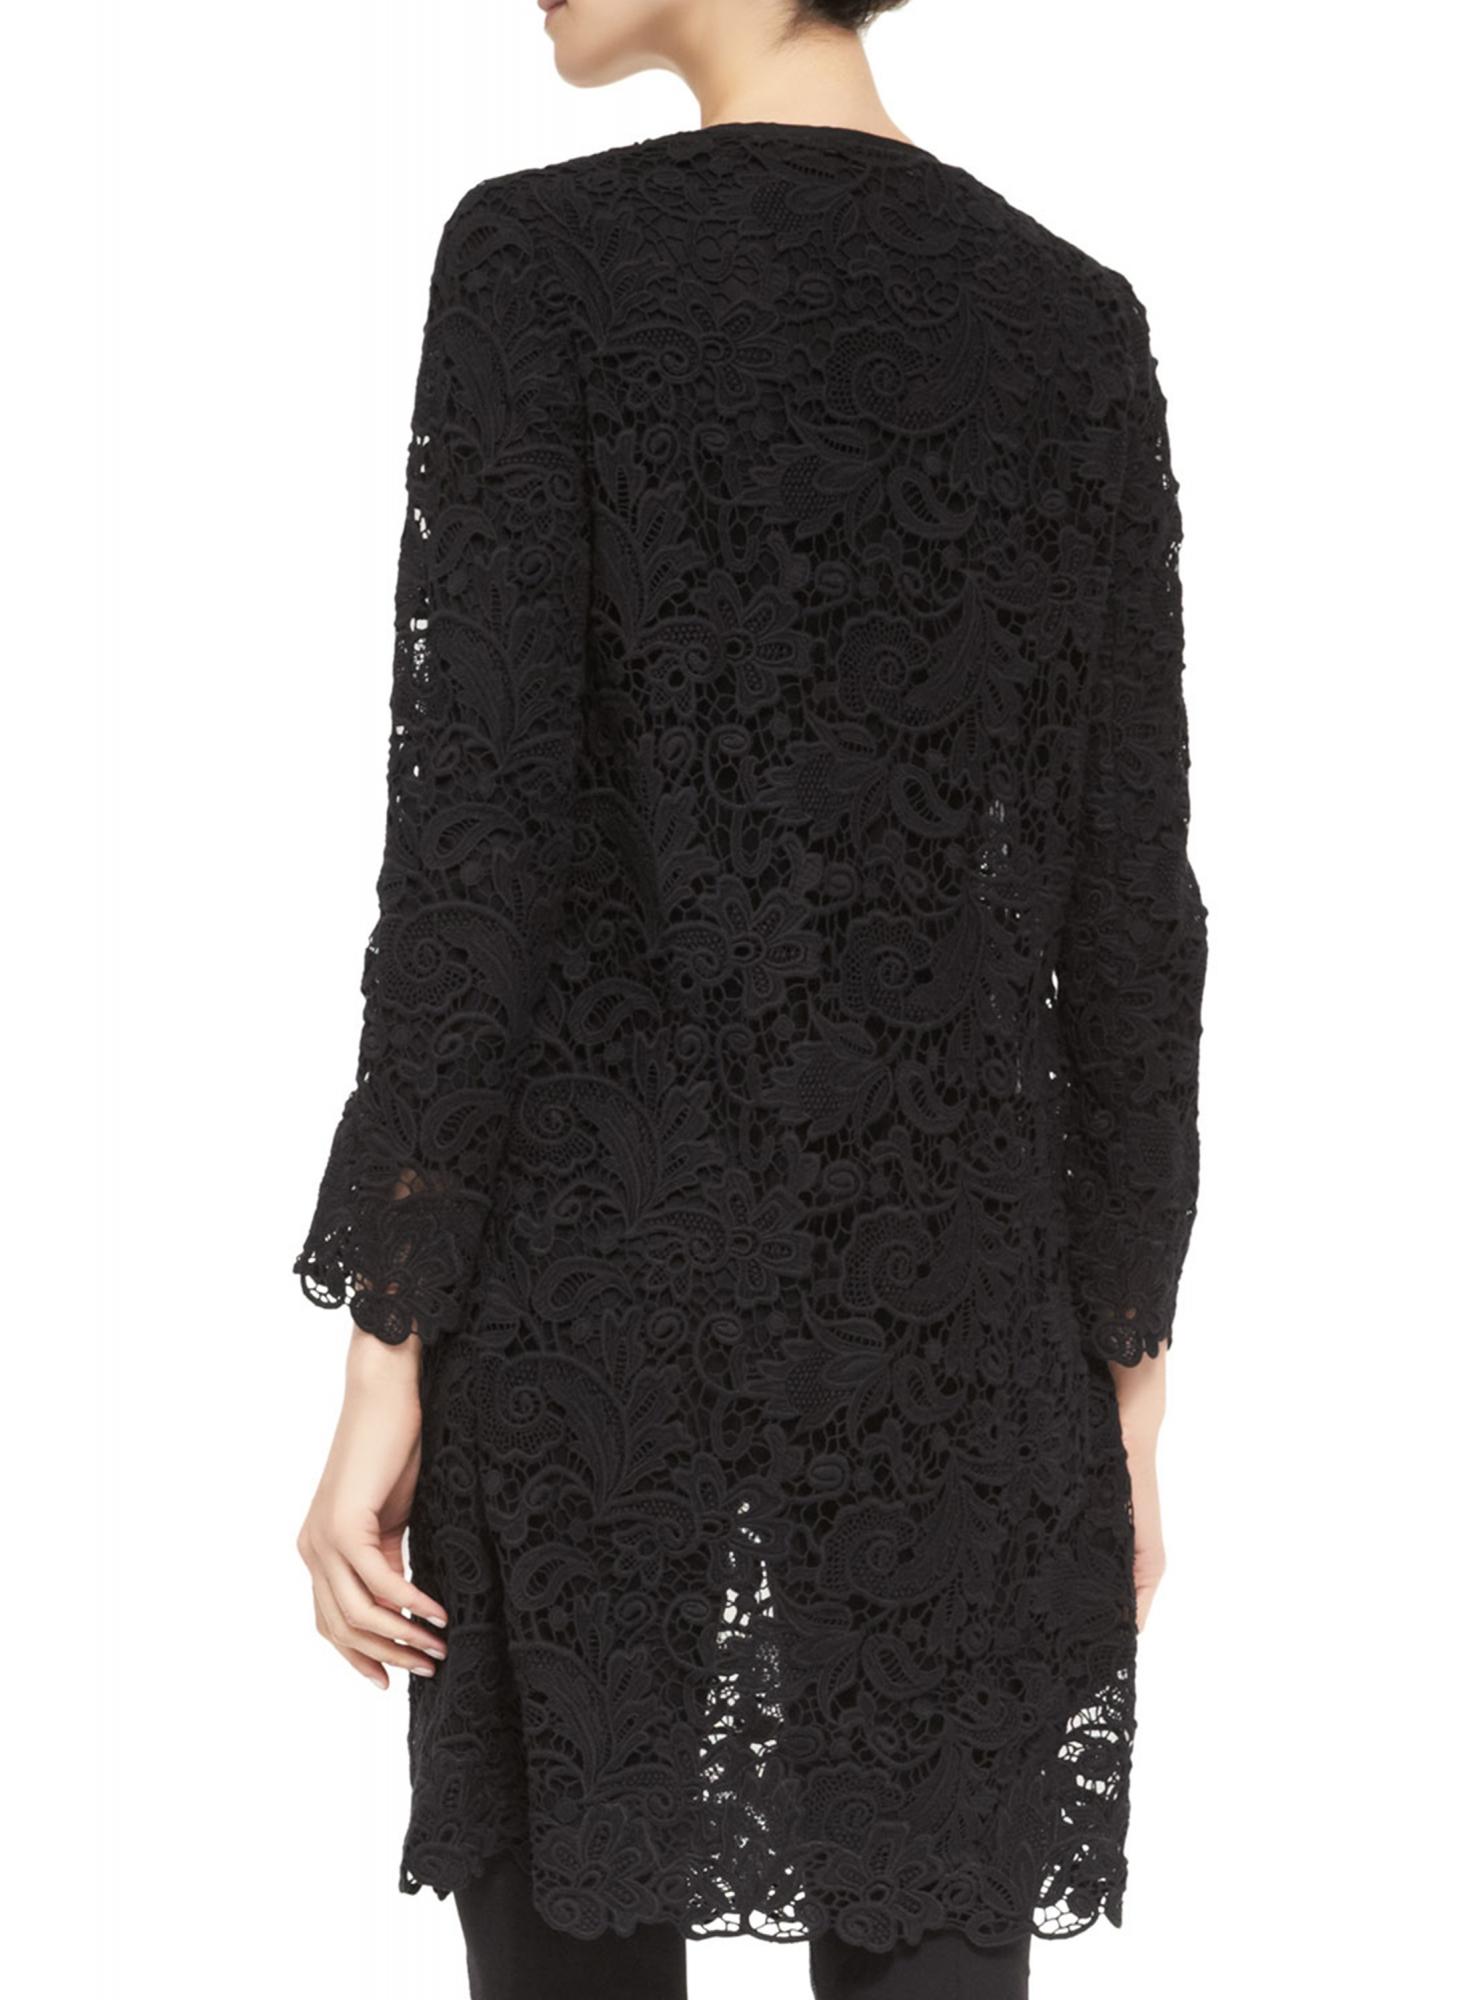 Ralph lauren black label lace coat